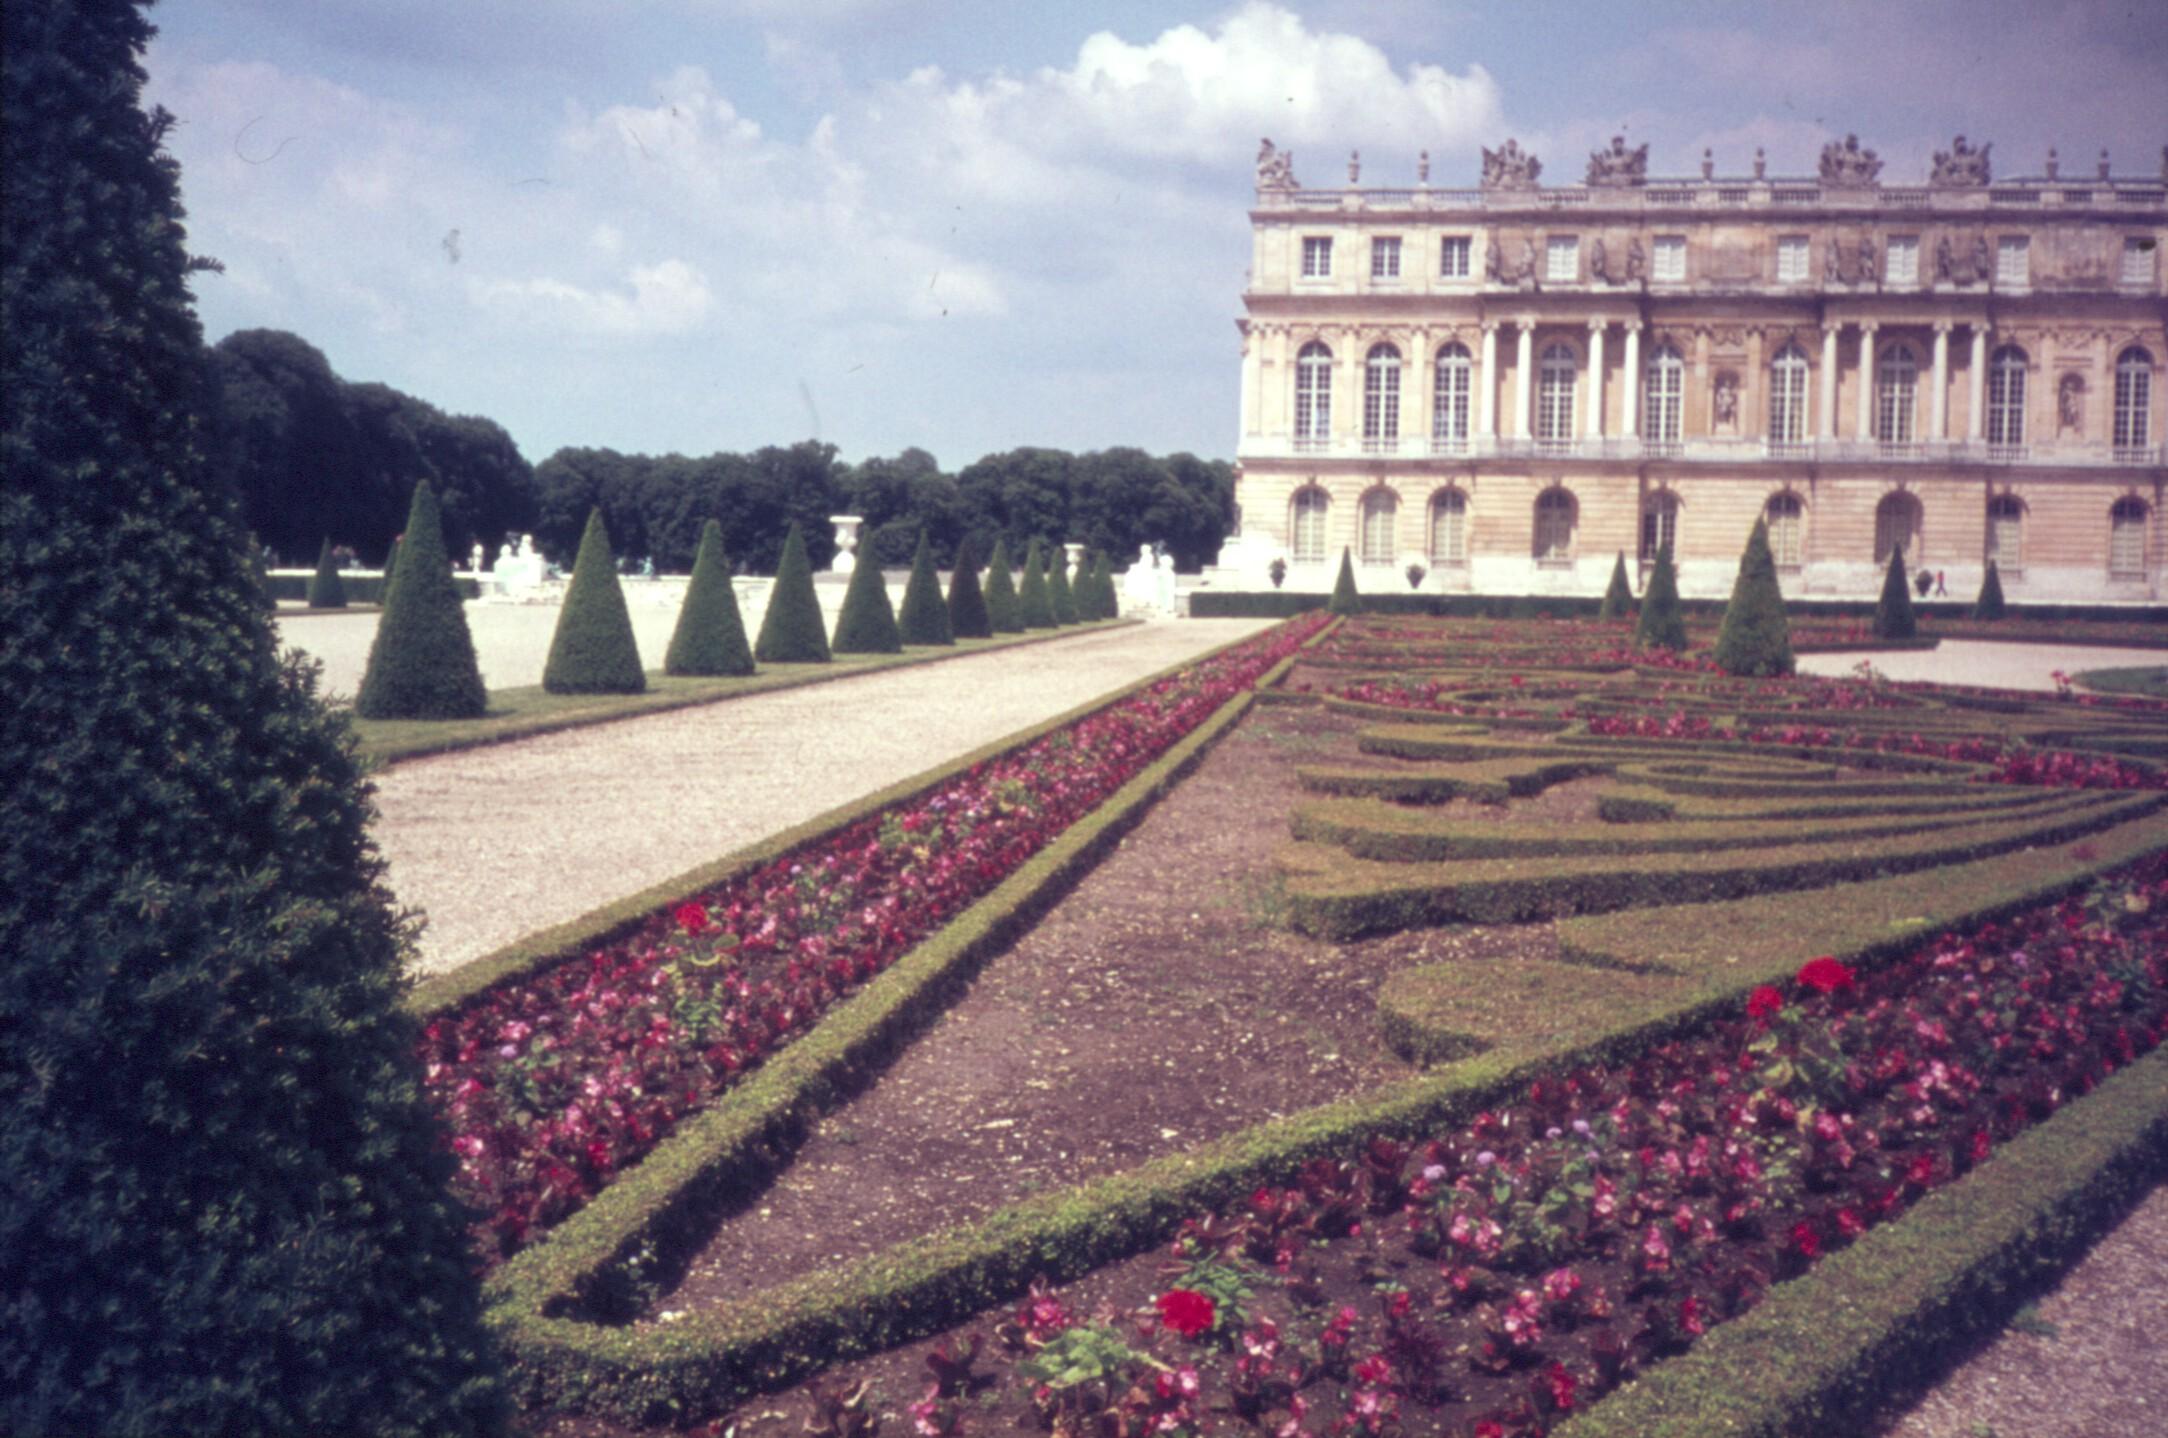 Chateau - Visiter les jardins du chateau de versailles ...